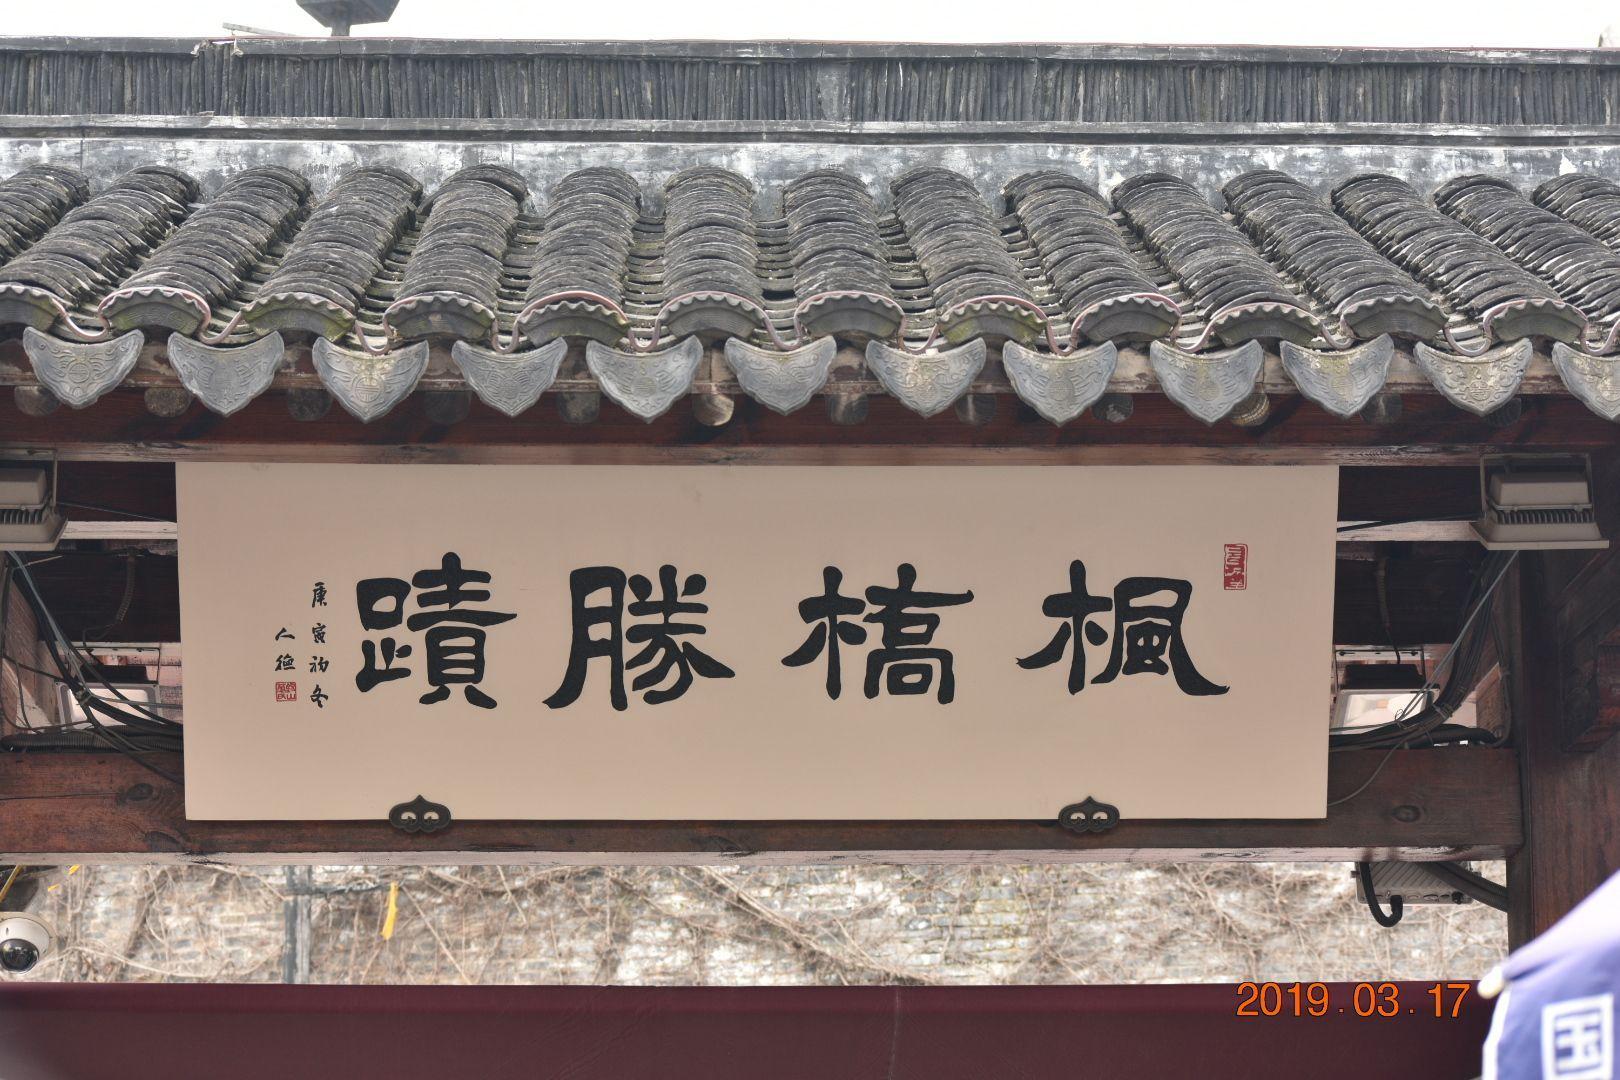 2019枫桥攻略游玩景区,唐代张继的一首《柳街都江堰枫桥镇一日游攻略图片